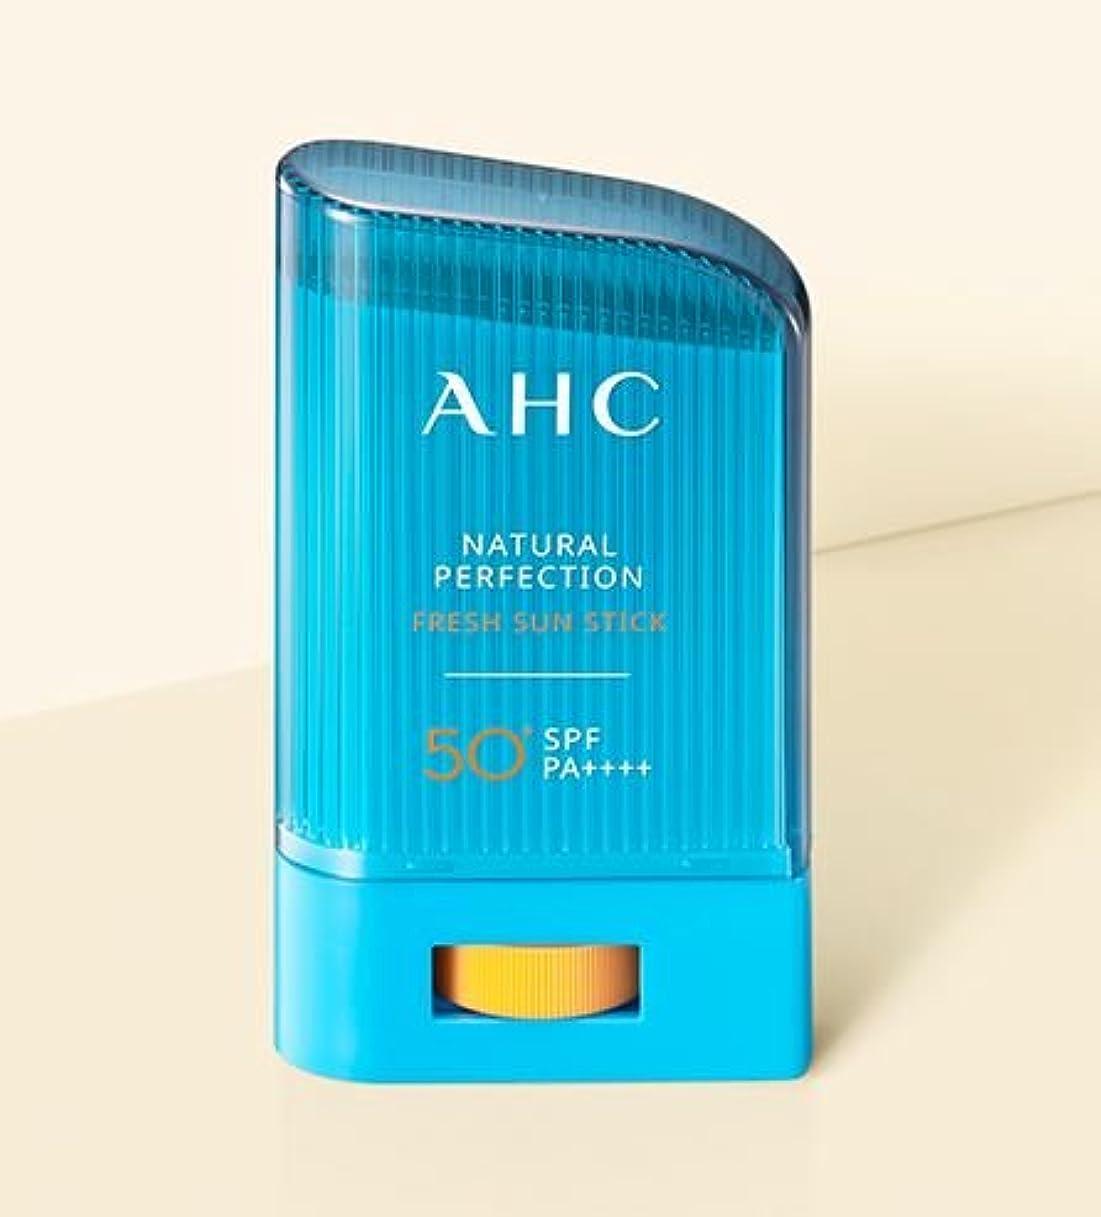 呪い武装解除患者AHC Natural perfection fresh sun stick (22g) [並行輸入品]